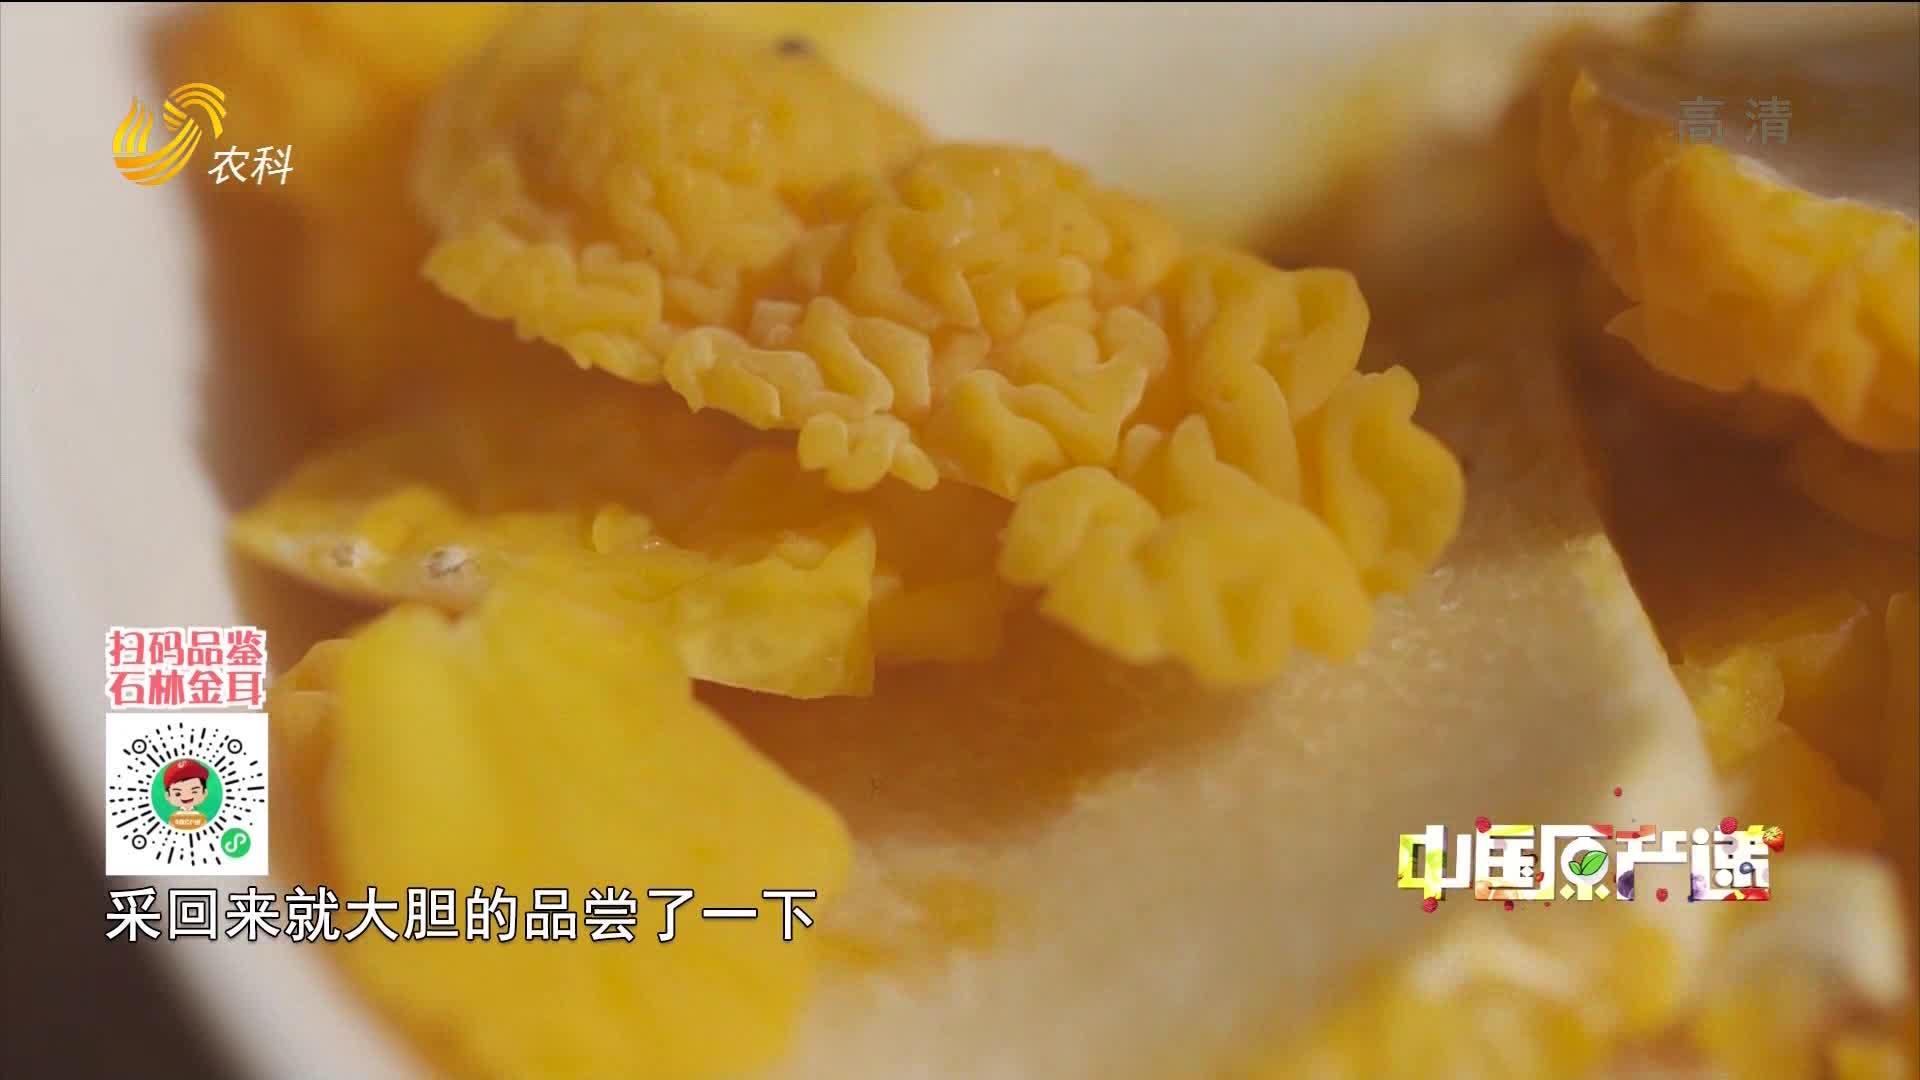 20210228《中国原产递》:石林金耳